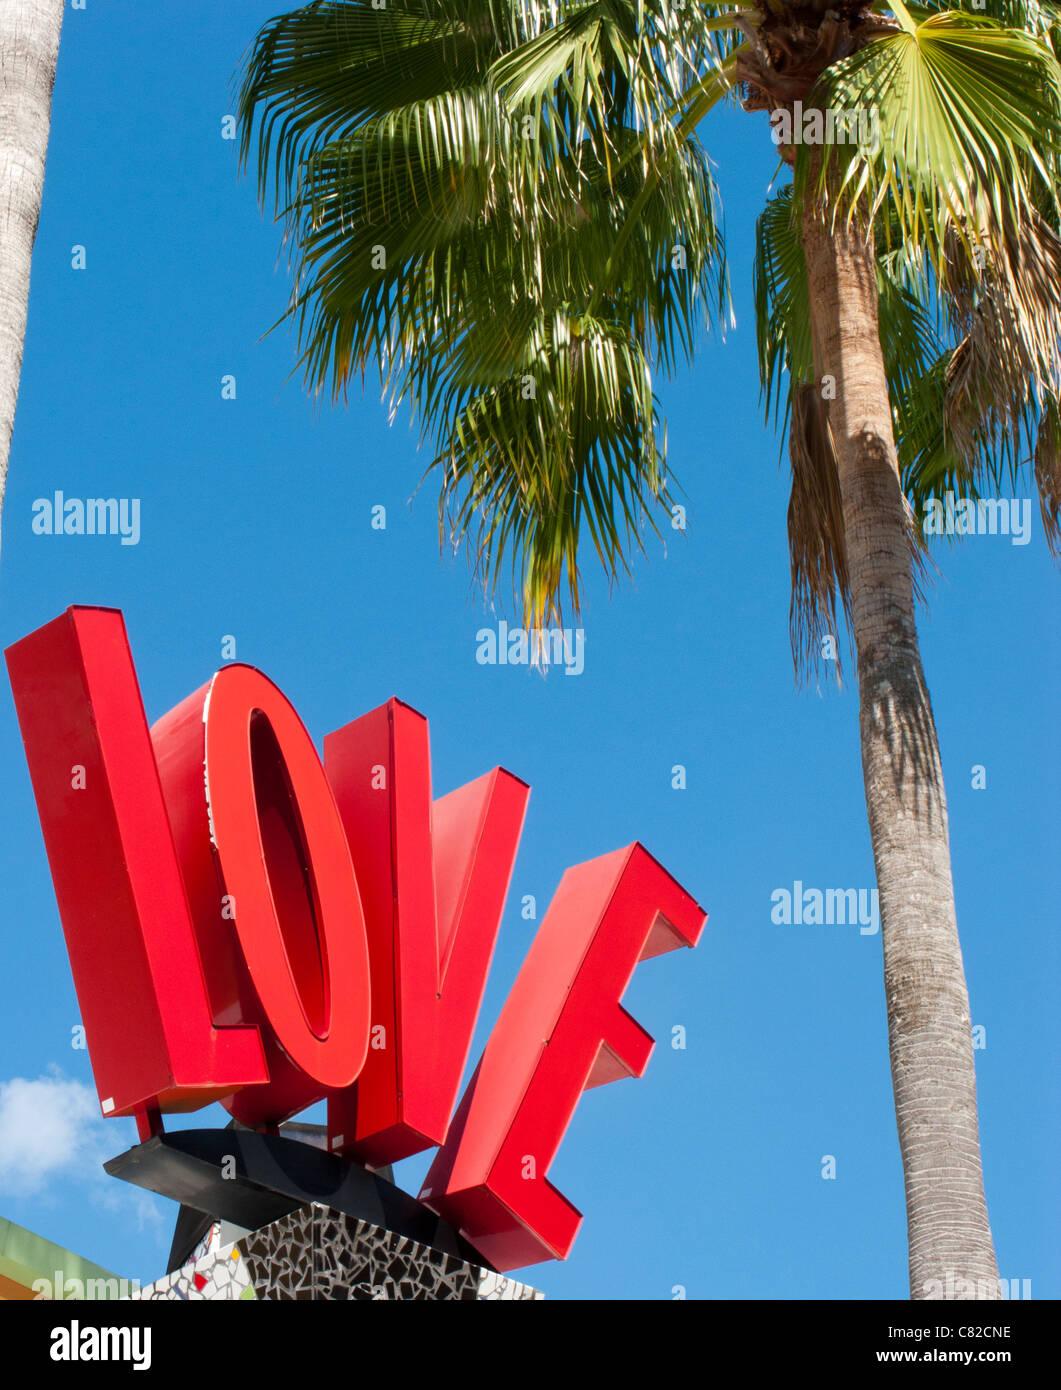 LIEBE ZEICHEN UND PALM TREE IN DER INNENSTADT VON DISNEY ORLANDO FLORIDA Stockbild